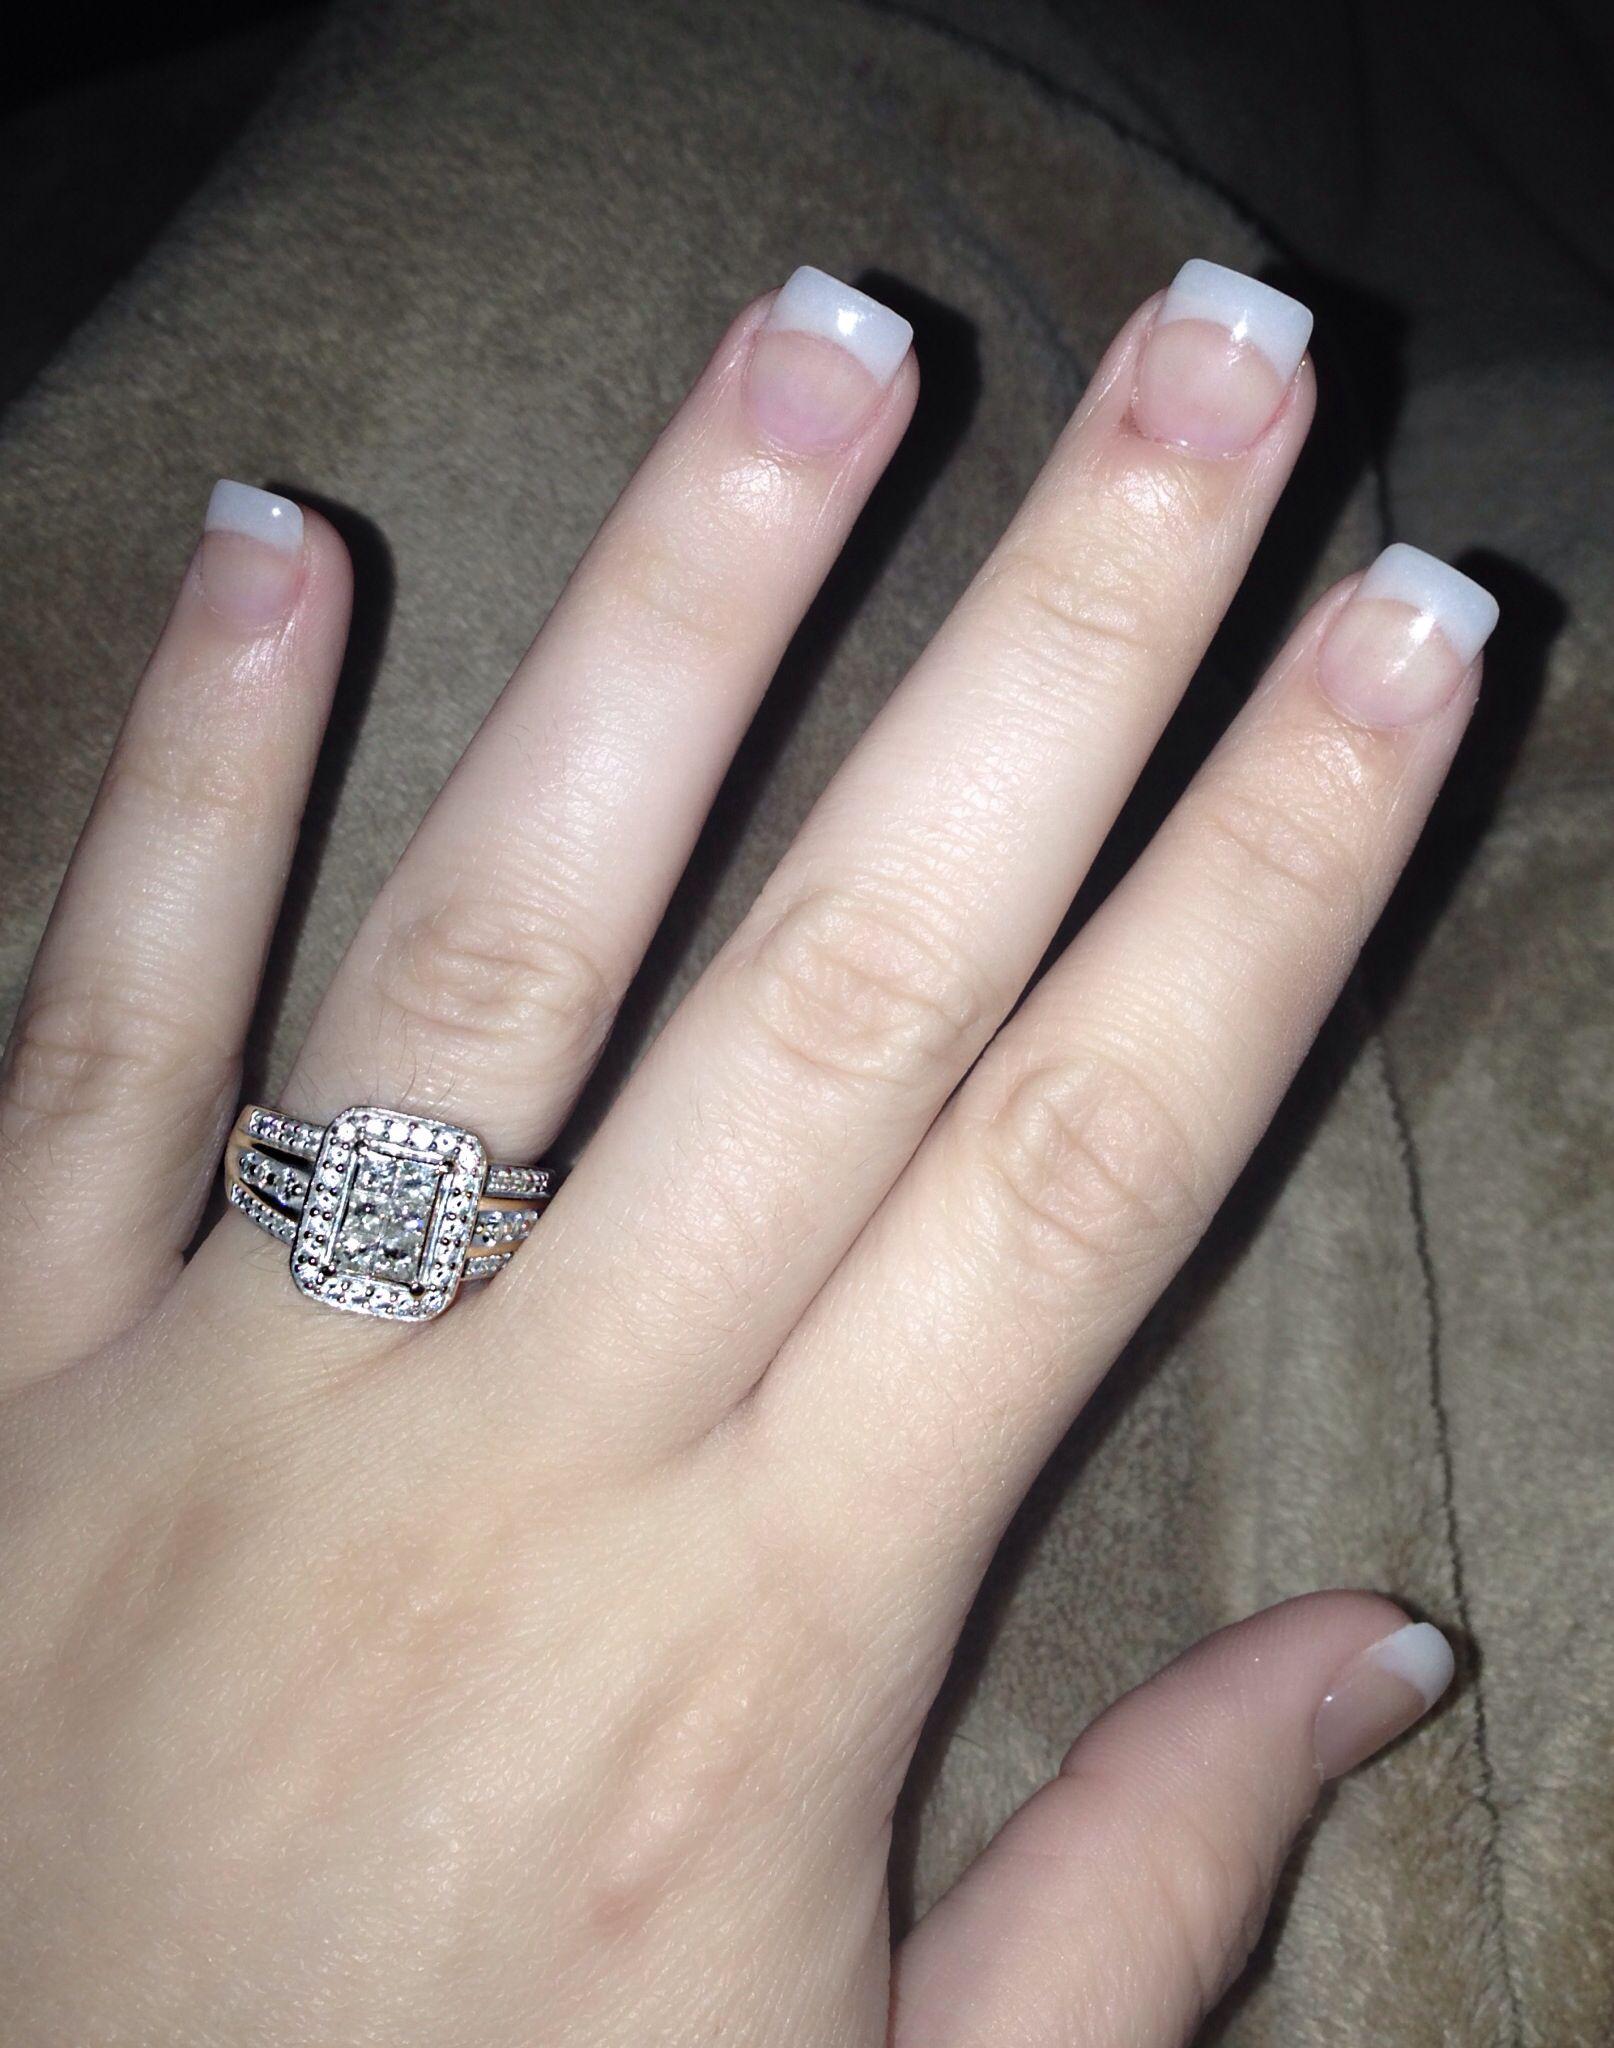 Natural looking acrylic nails   Makeup & Beauty   Pinterest ...